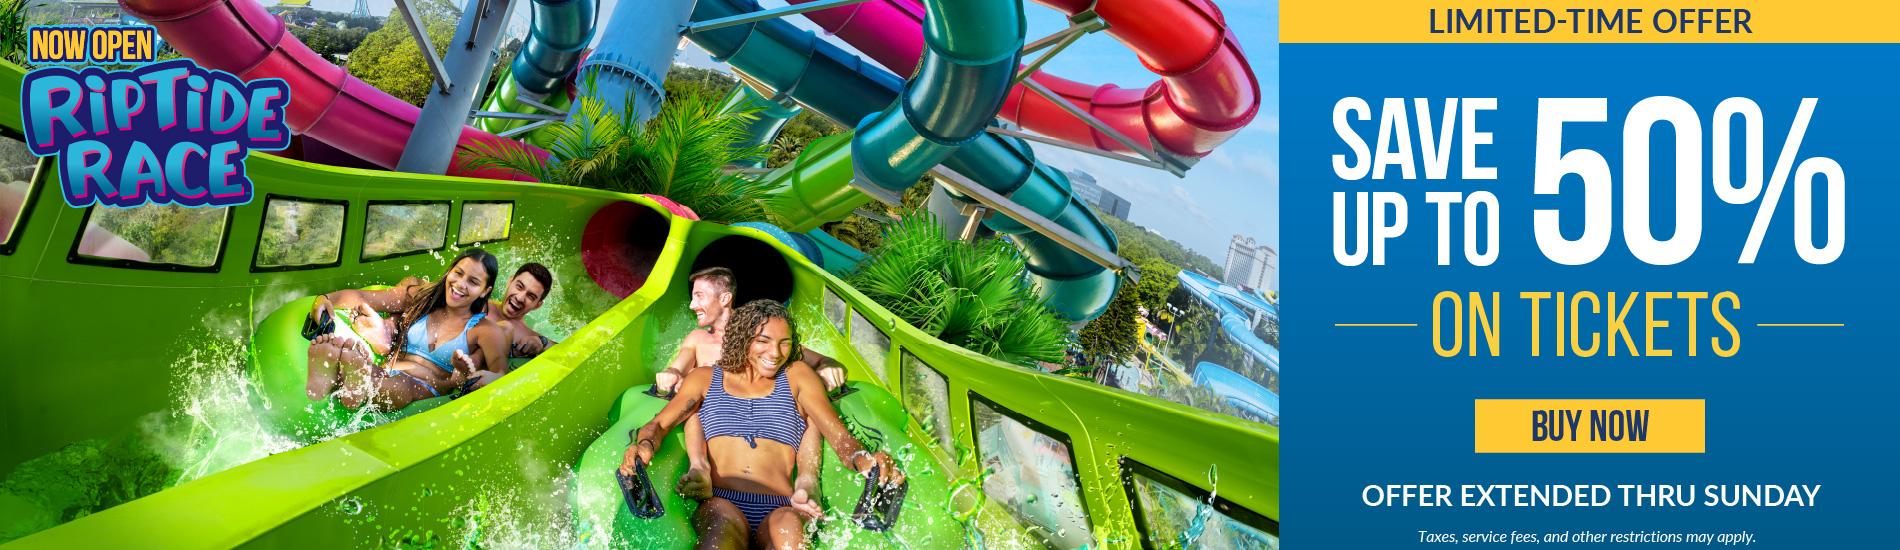 Aquatica Orlando Endless Summer Sale